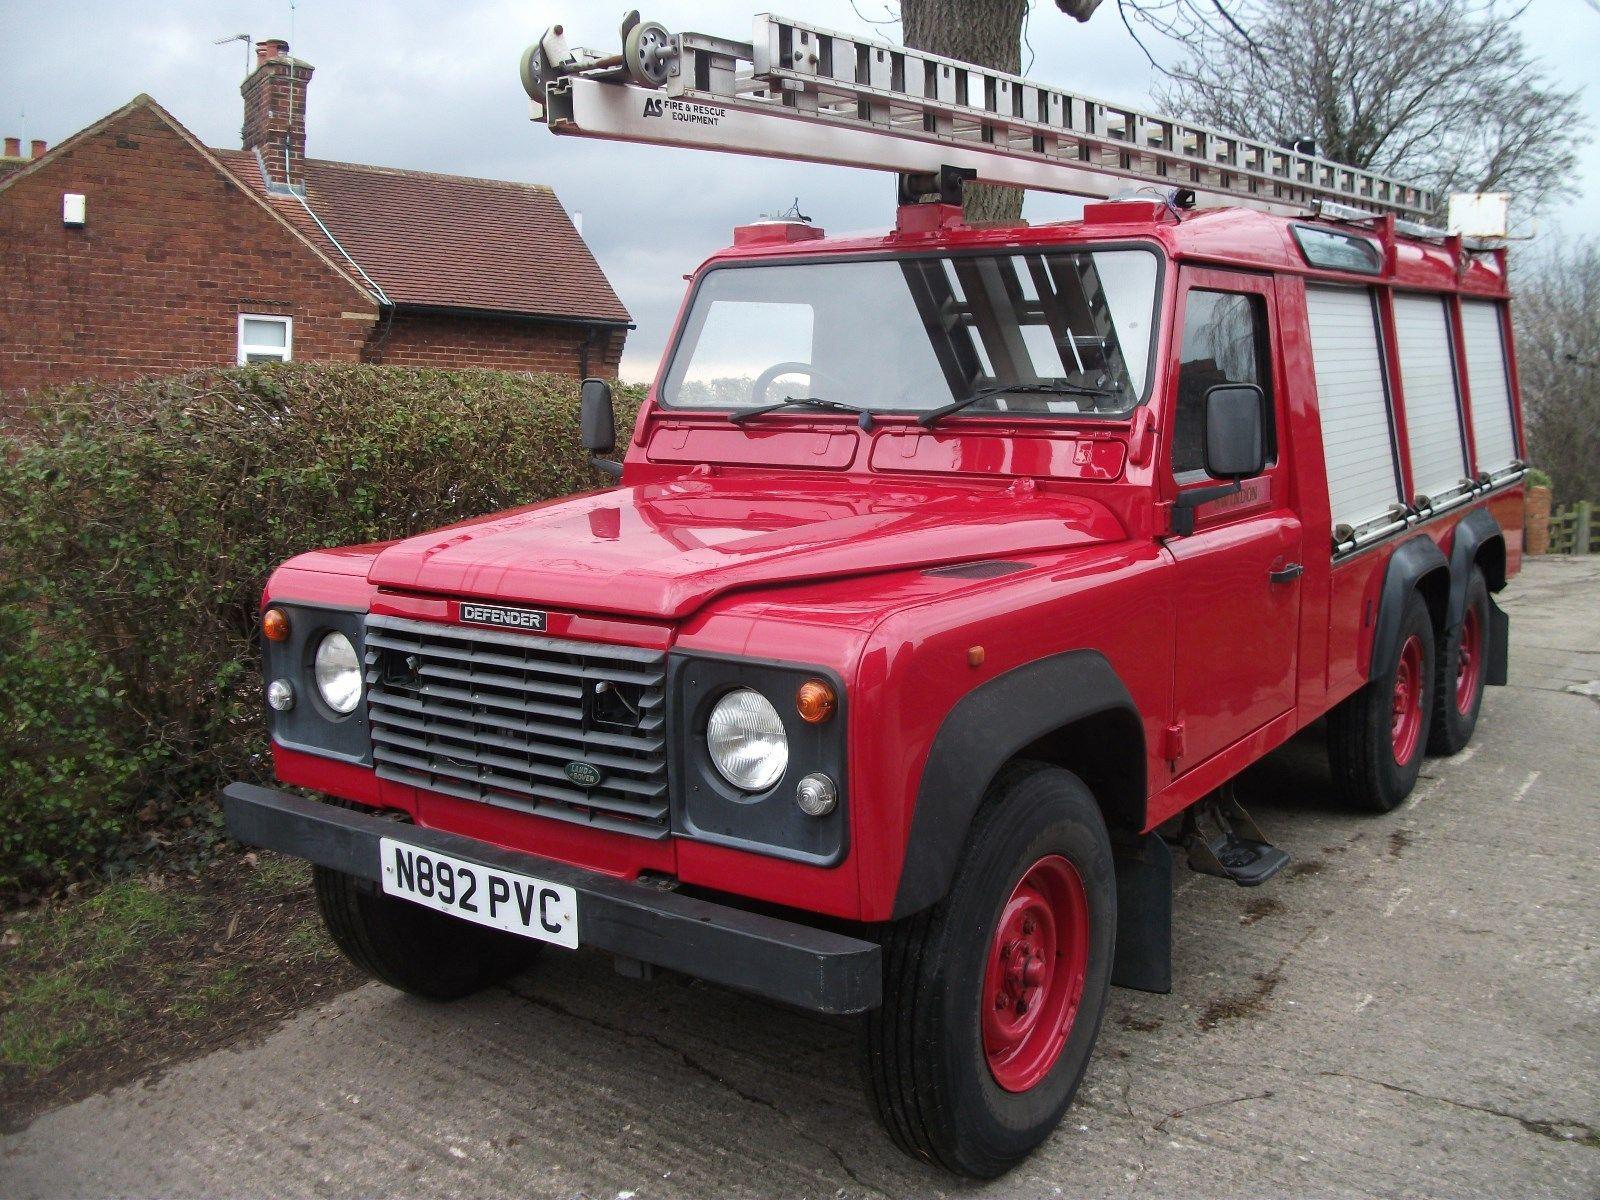 Landrover Defender Land Rover Defender 6x6 Fire Engine Fire Tender